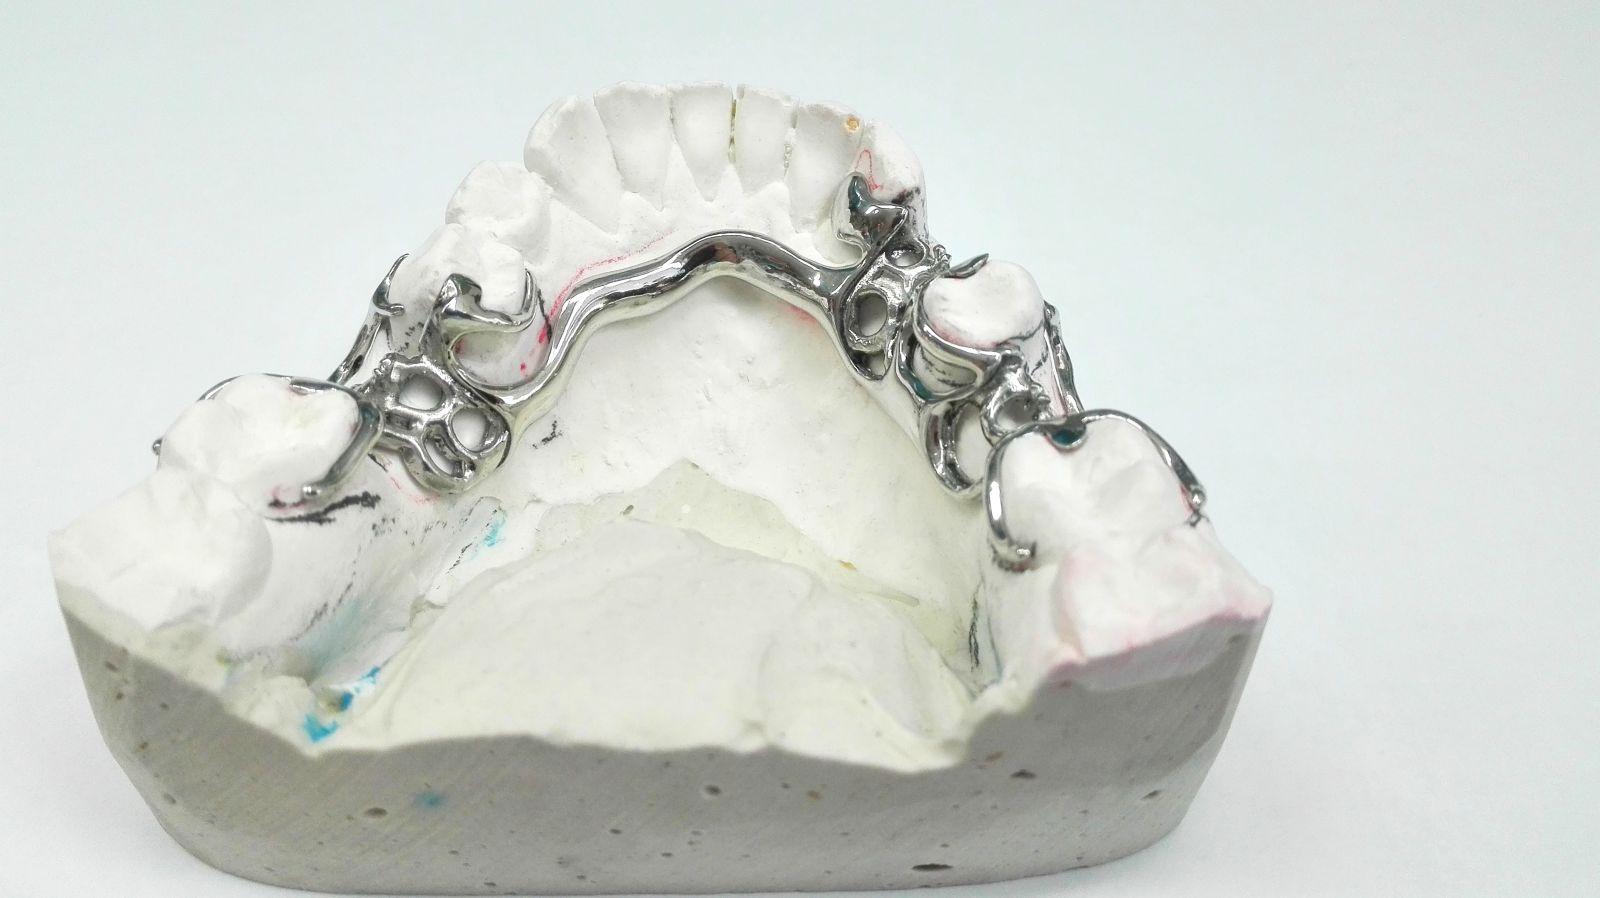 protezy szkieletowe - Protezy szkieletowe